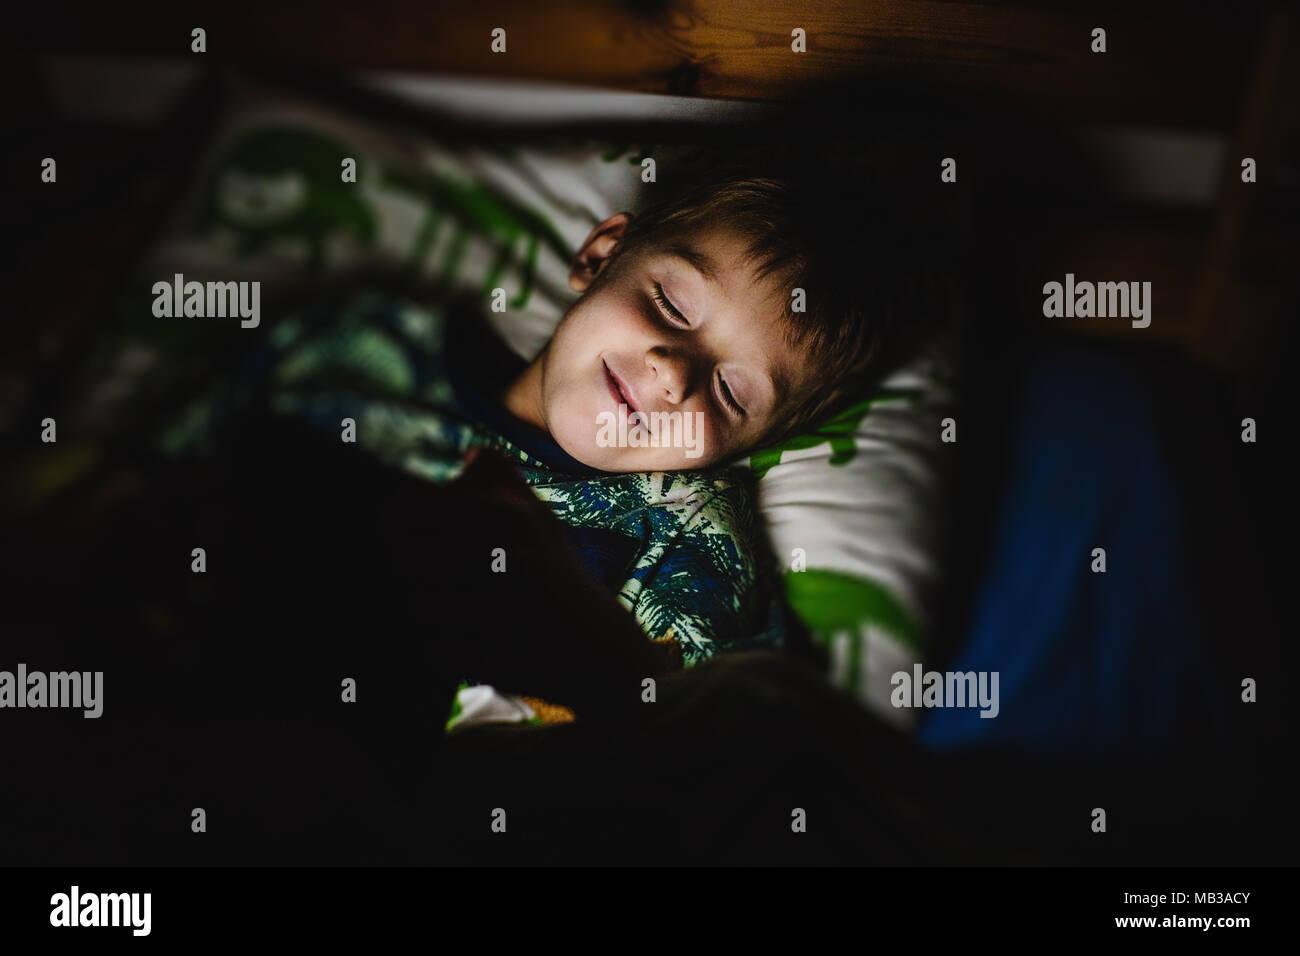 Joven leyendo un libro electrónico con luz integrada acostado en la cama antes de dormir. La tecnología en la vida diaria de los niños. Fondo oscuro, luz baja. Imagen De Stock